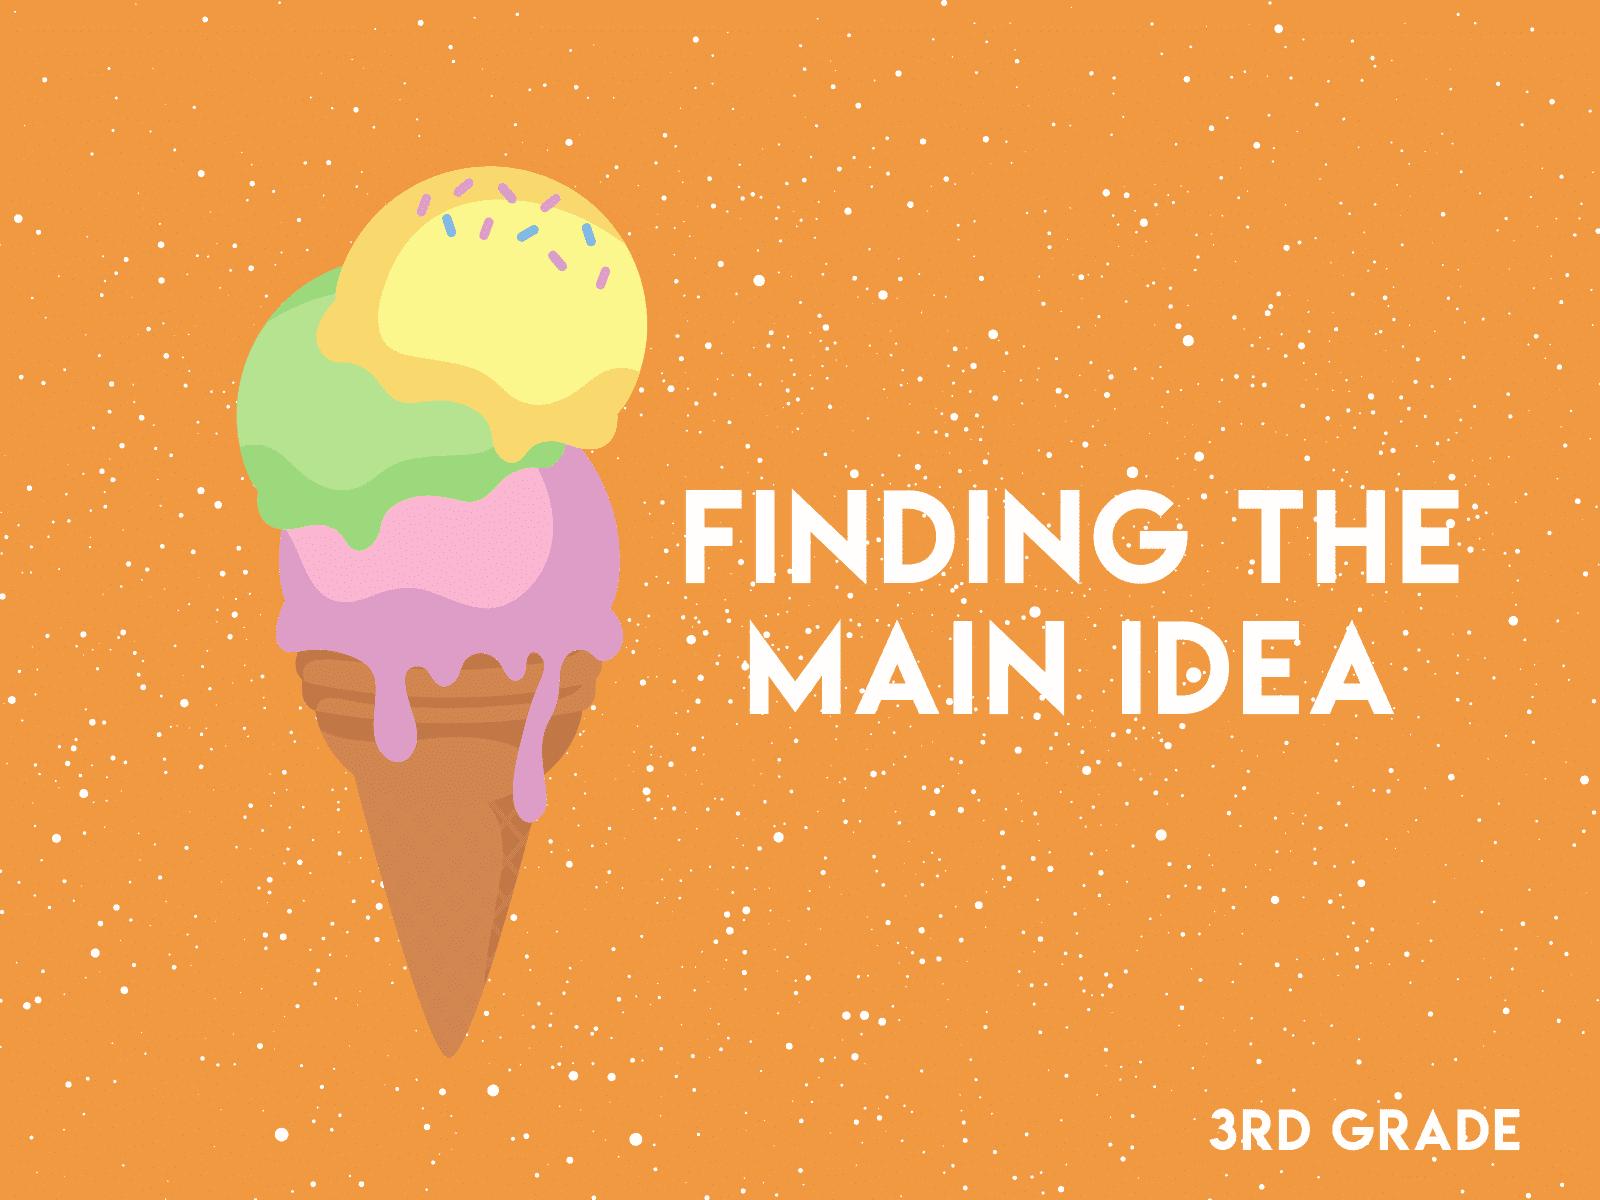 3rd Grade Find the Main Idea